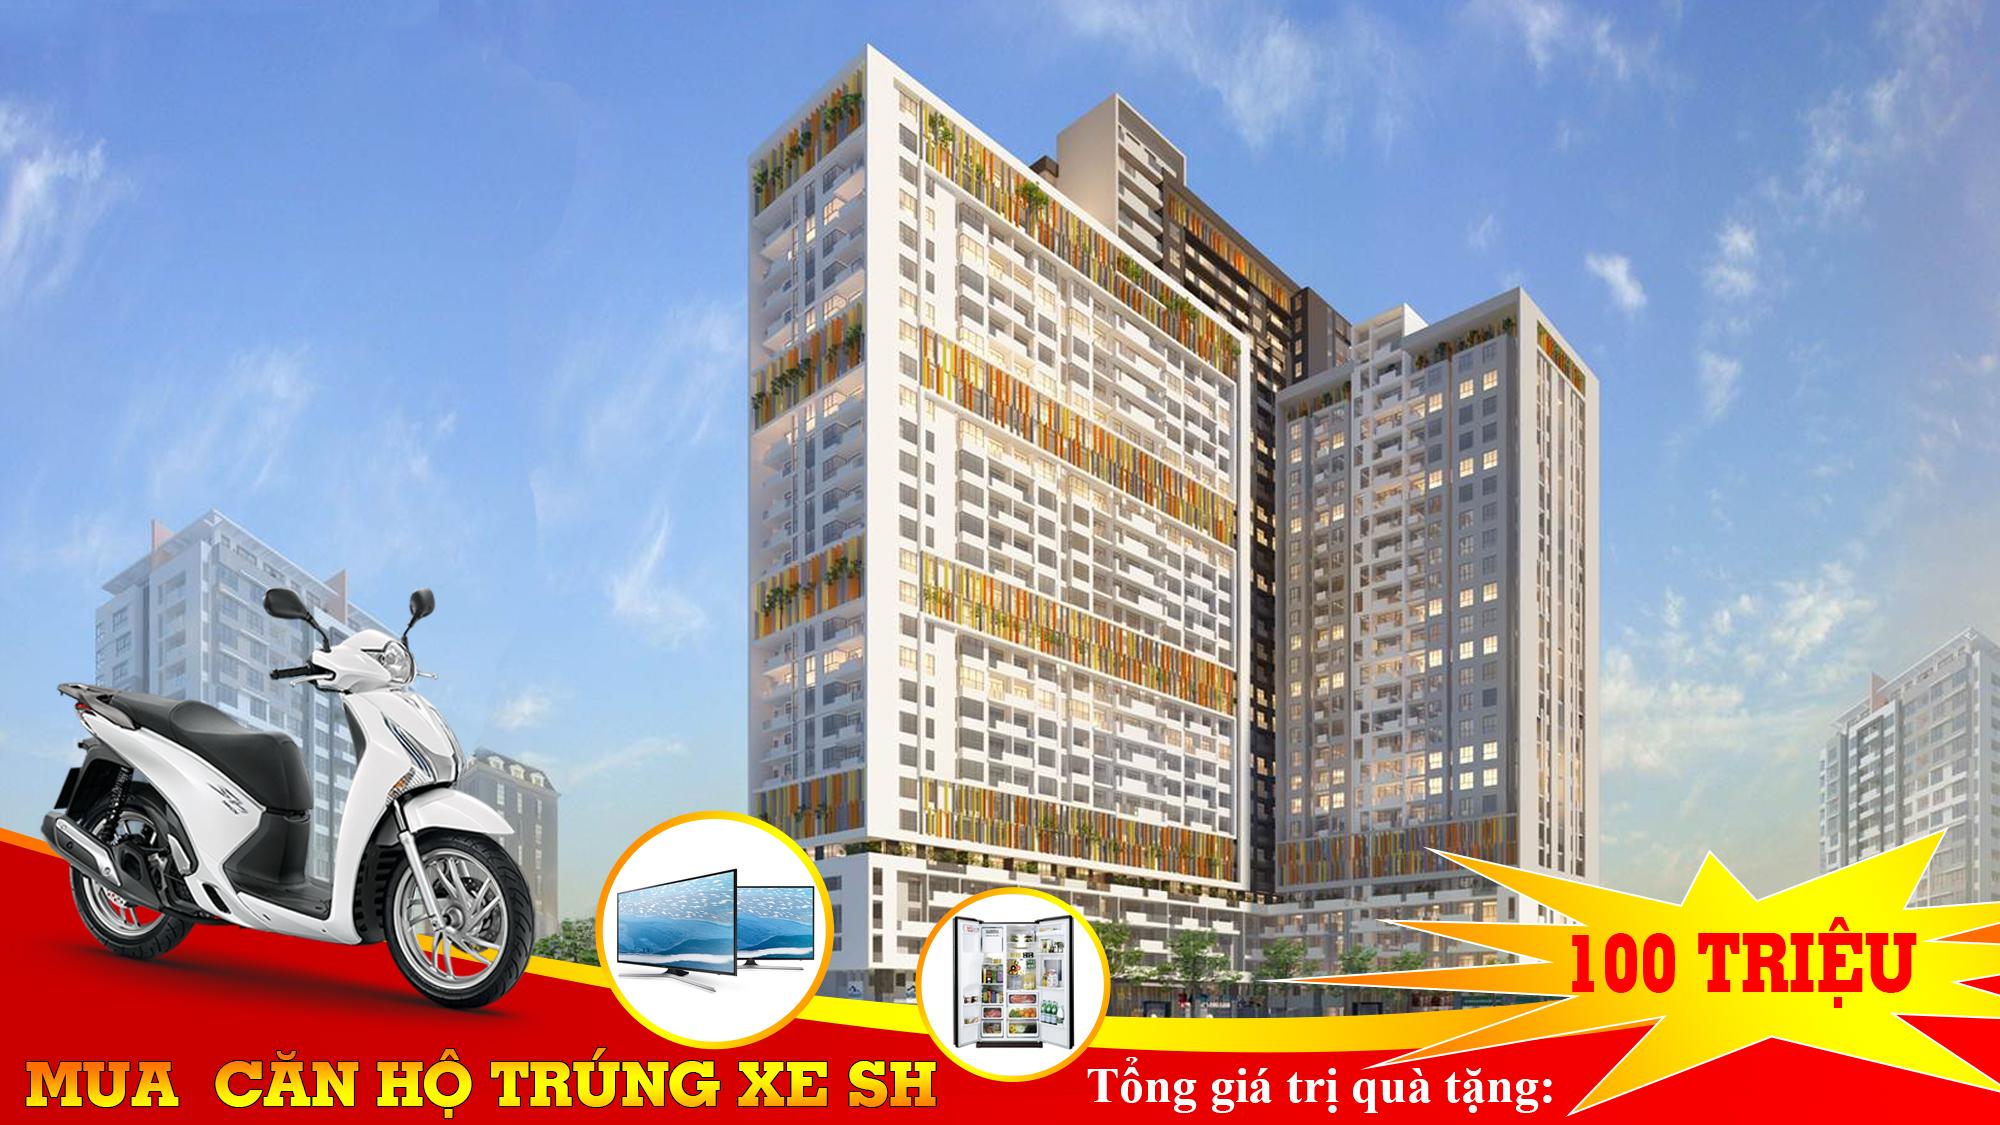 Sở hữu sổ Hồng Vĩnh viễn – Chỉ 530 triệu sở hữu ngay căn hộ Monarchy B bên sông Hàn -0914106080